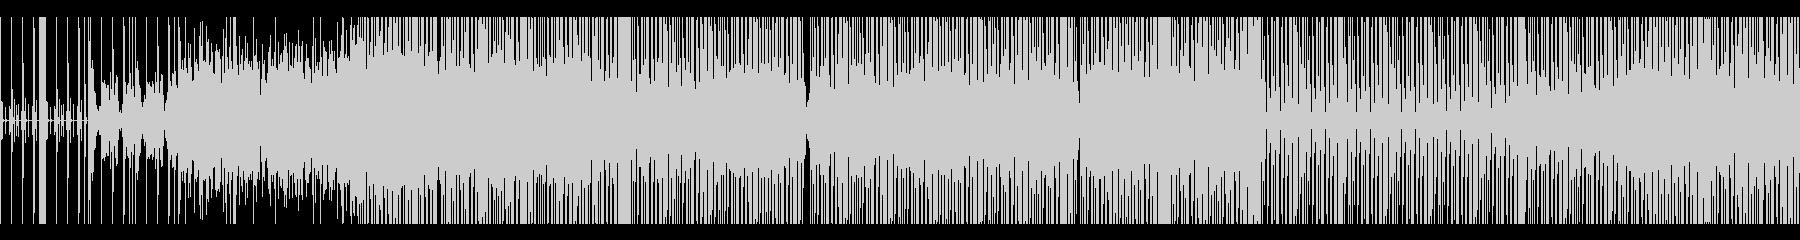 かっこいいテクノEDM(ループ可)の未再生の波形